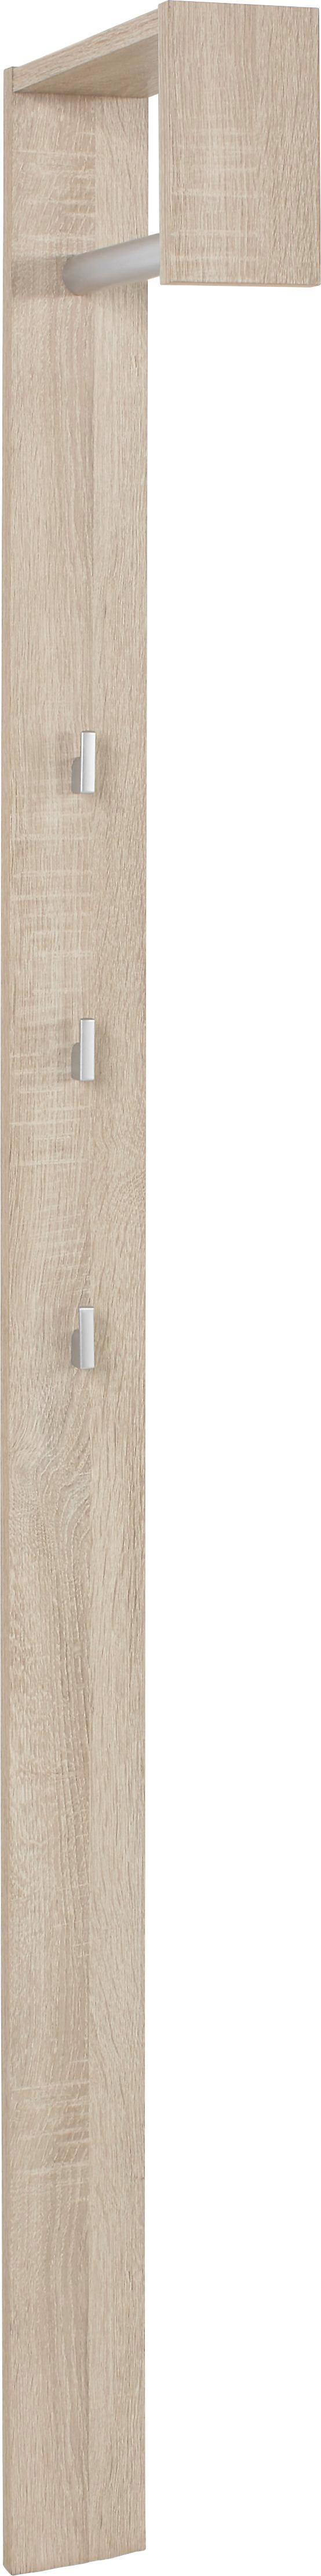 Garderobenpaneel Senex - Sonoma Eiche, MODERN, Holz (10/170/33cm)